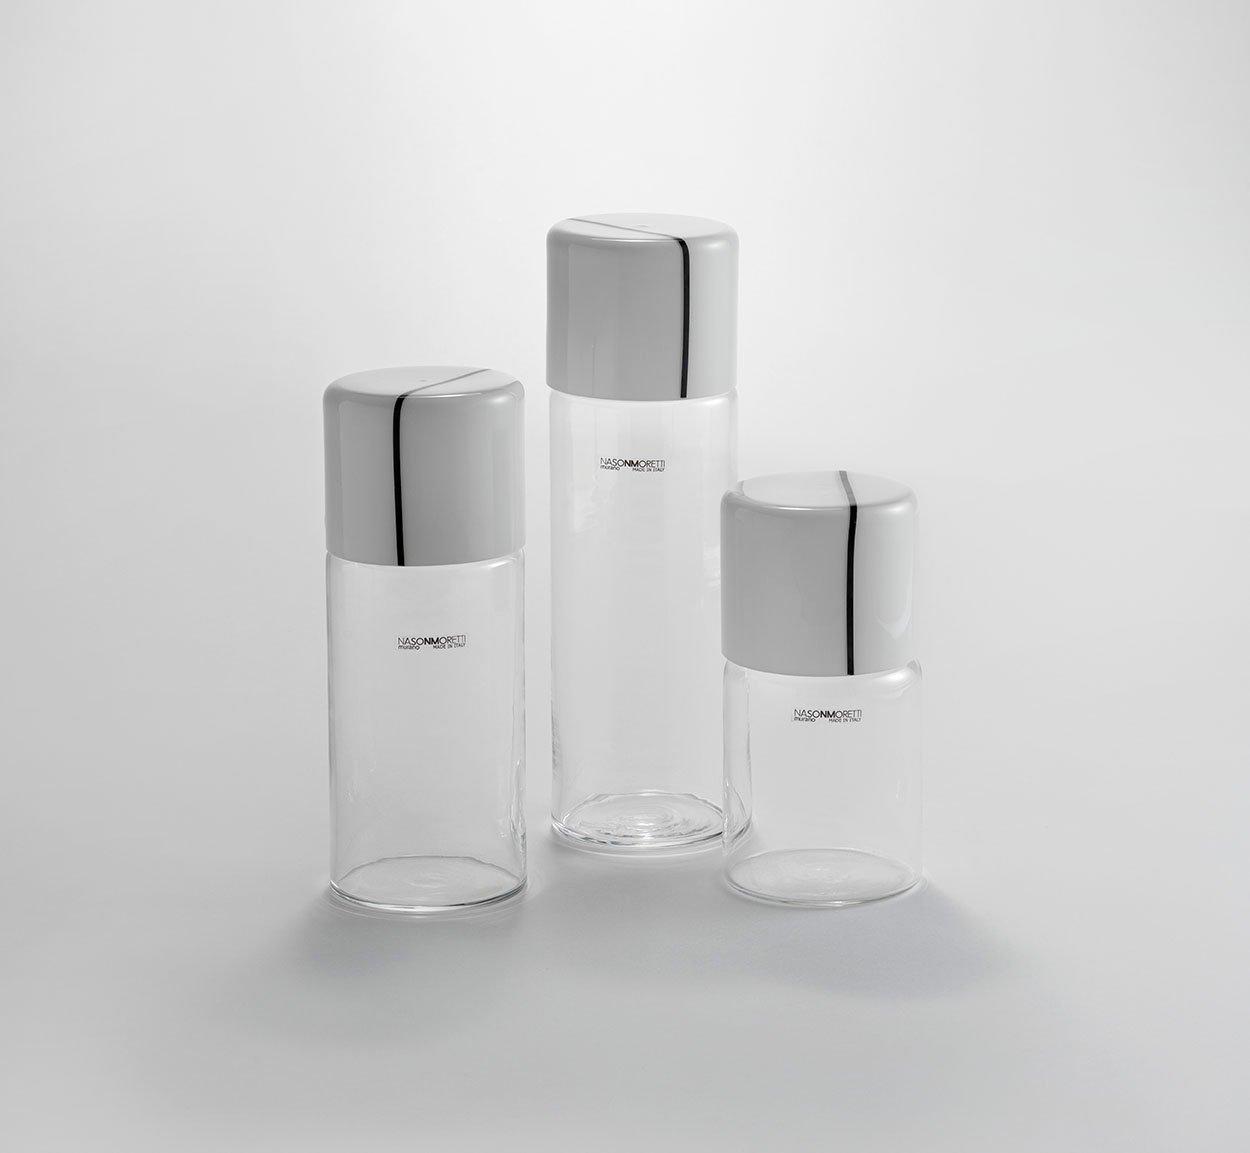 Composizione caraffe nelle tre dimensioni The Studio